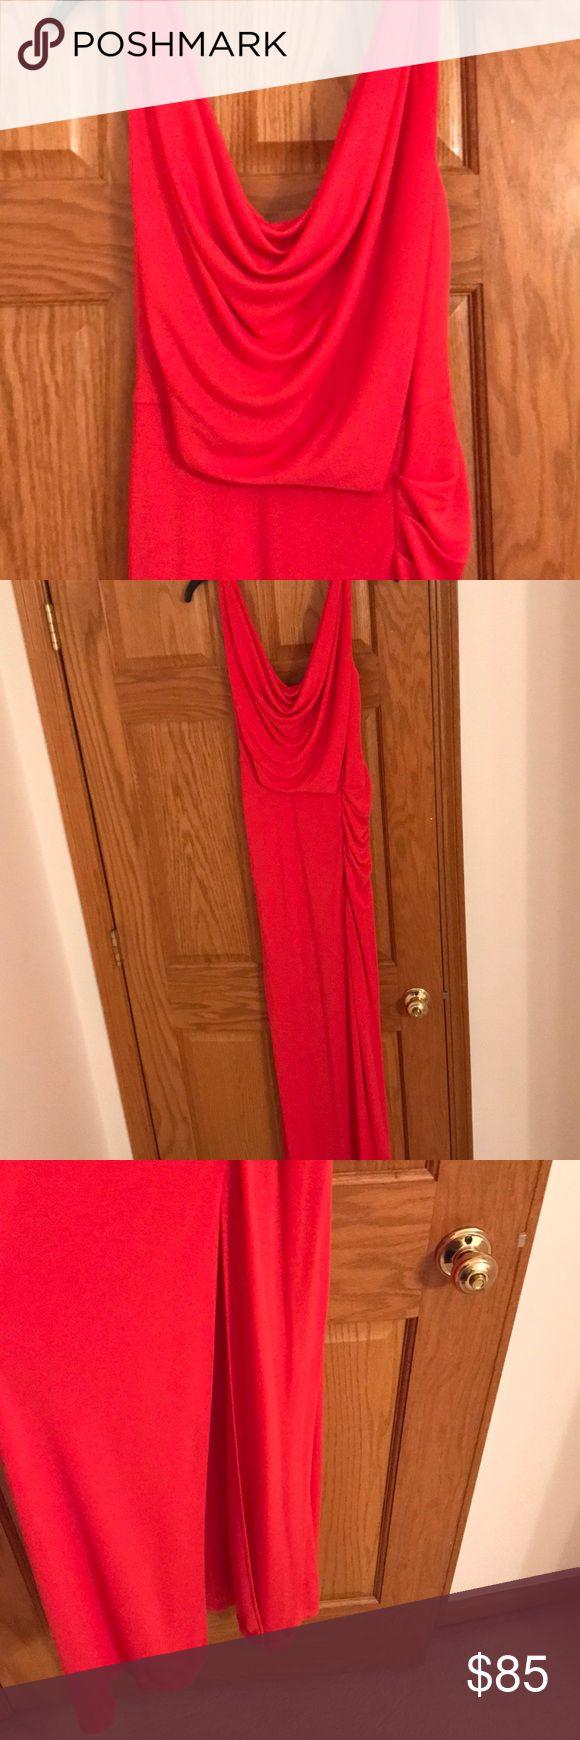 Bcbg elegant long dress Long coral dress elegant with low scoop back BCBG Dresses Prom